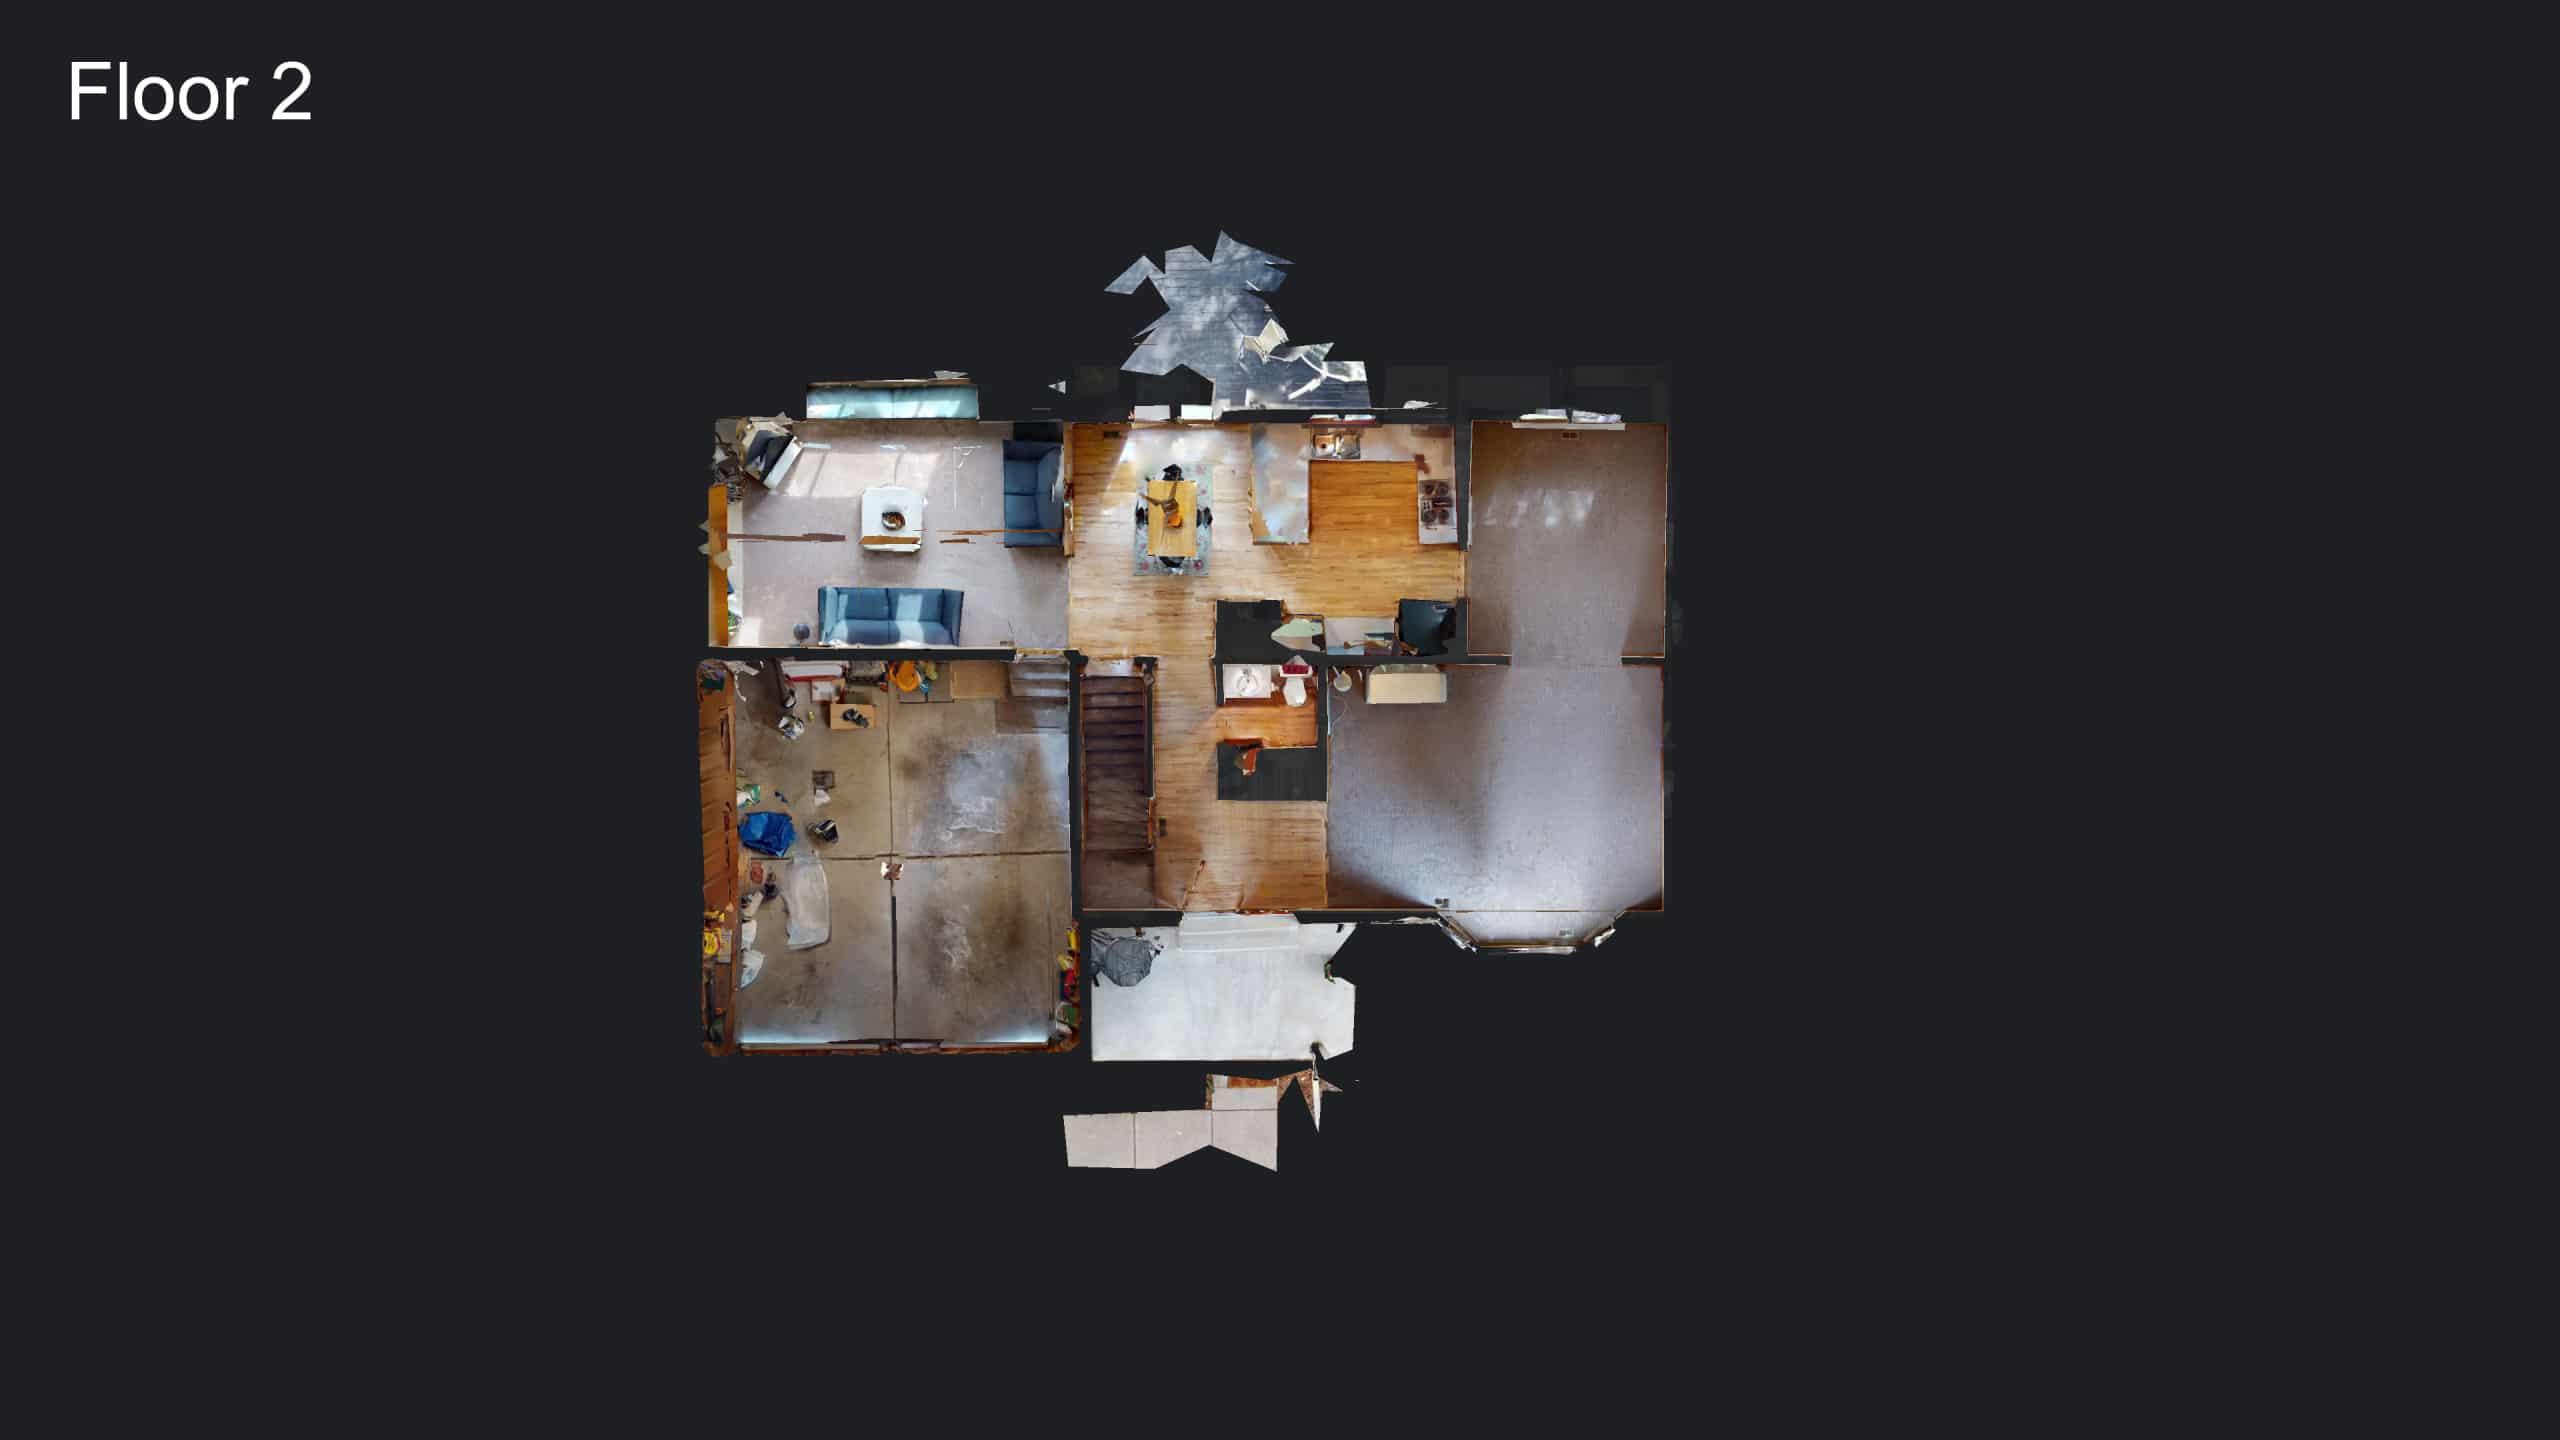 3D Floor Plan of Main Floor